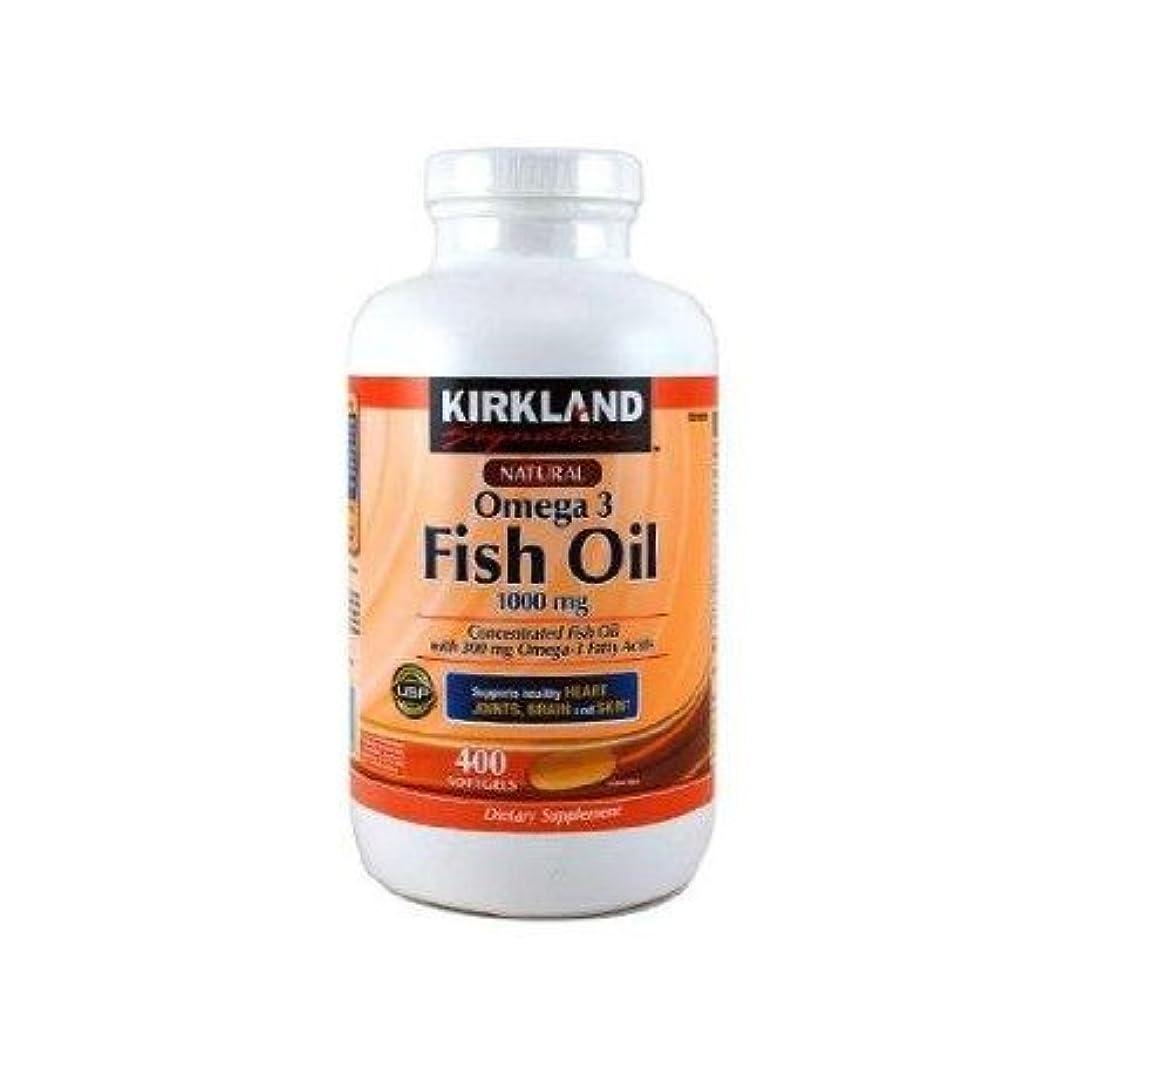 騒々しいベッドを作る補償KIRKLAND社 フィッシュオイル (DHA+EPA) オメガ3 1000mg 400ソフトカプセル 2本 [並行輸入品] [海外直送品] Two KIRKLAND's Fish oil (DHA + EPA) omega...